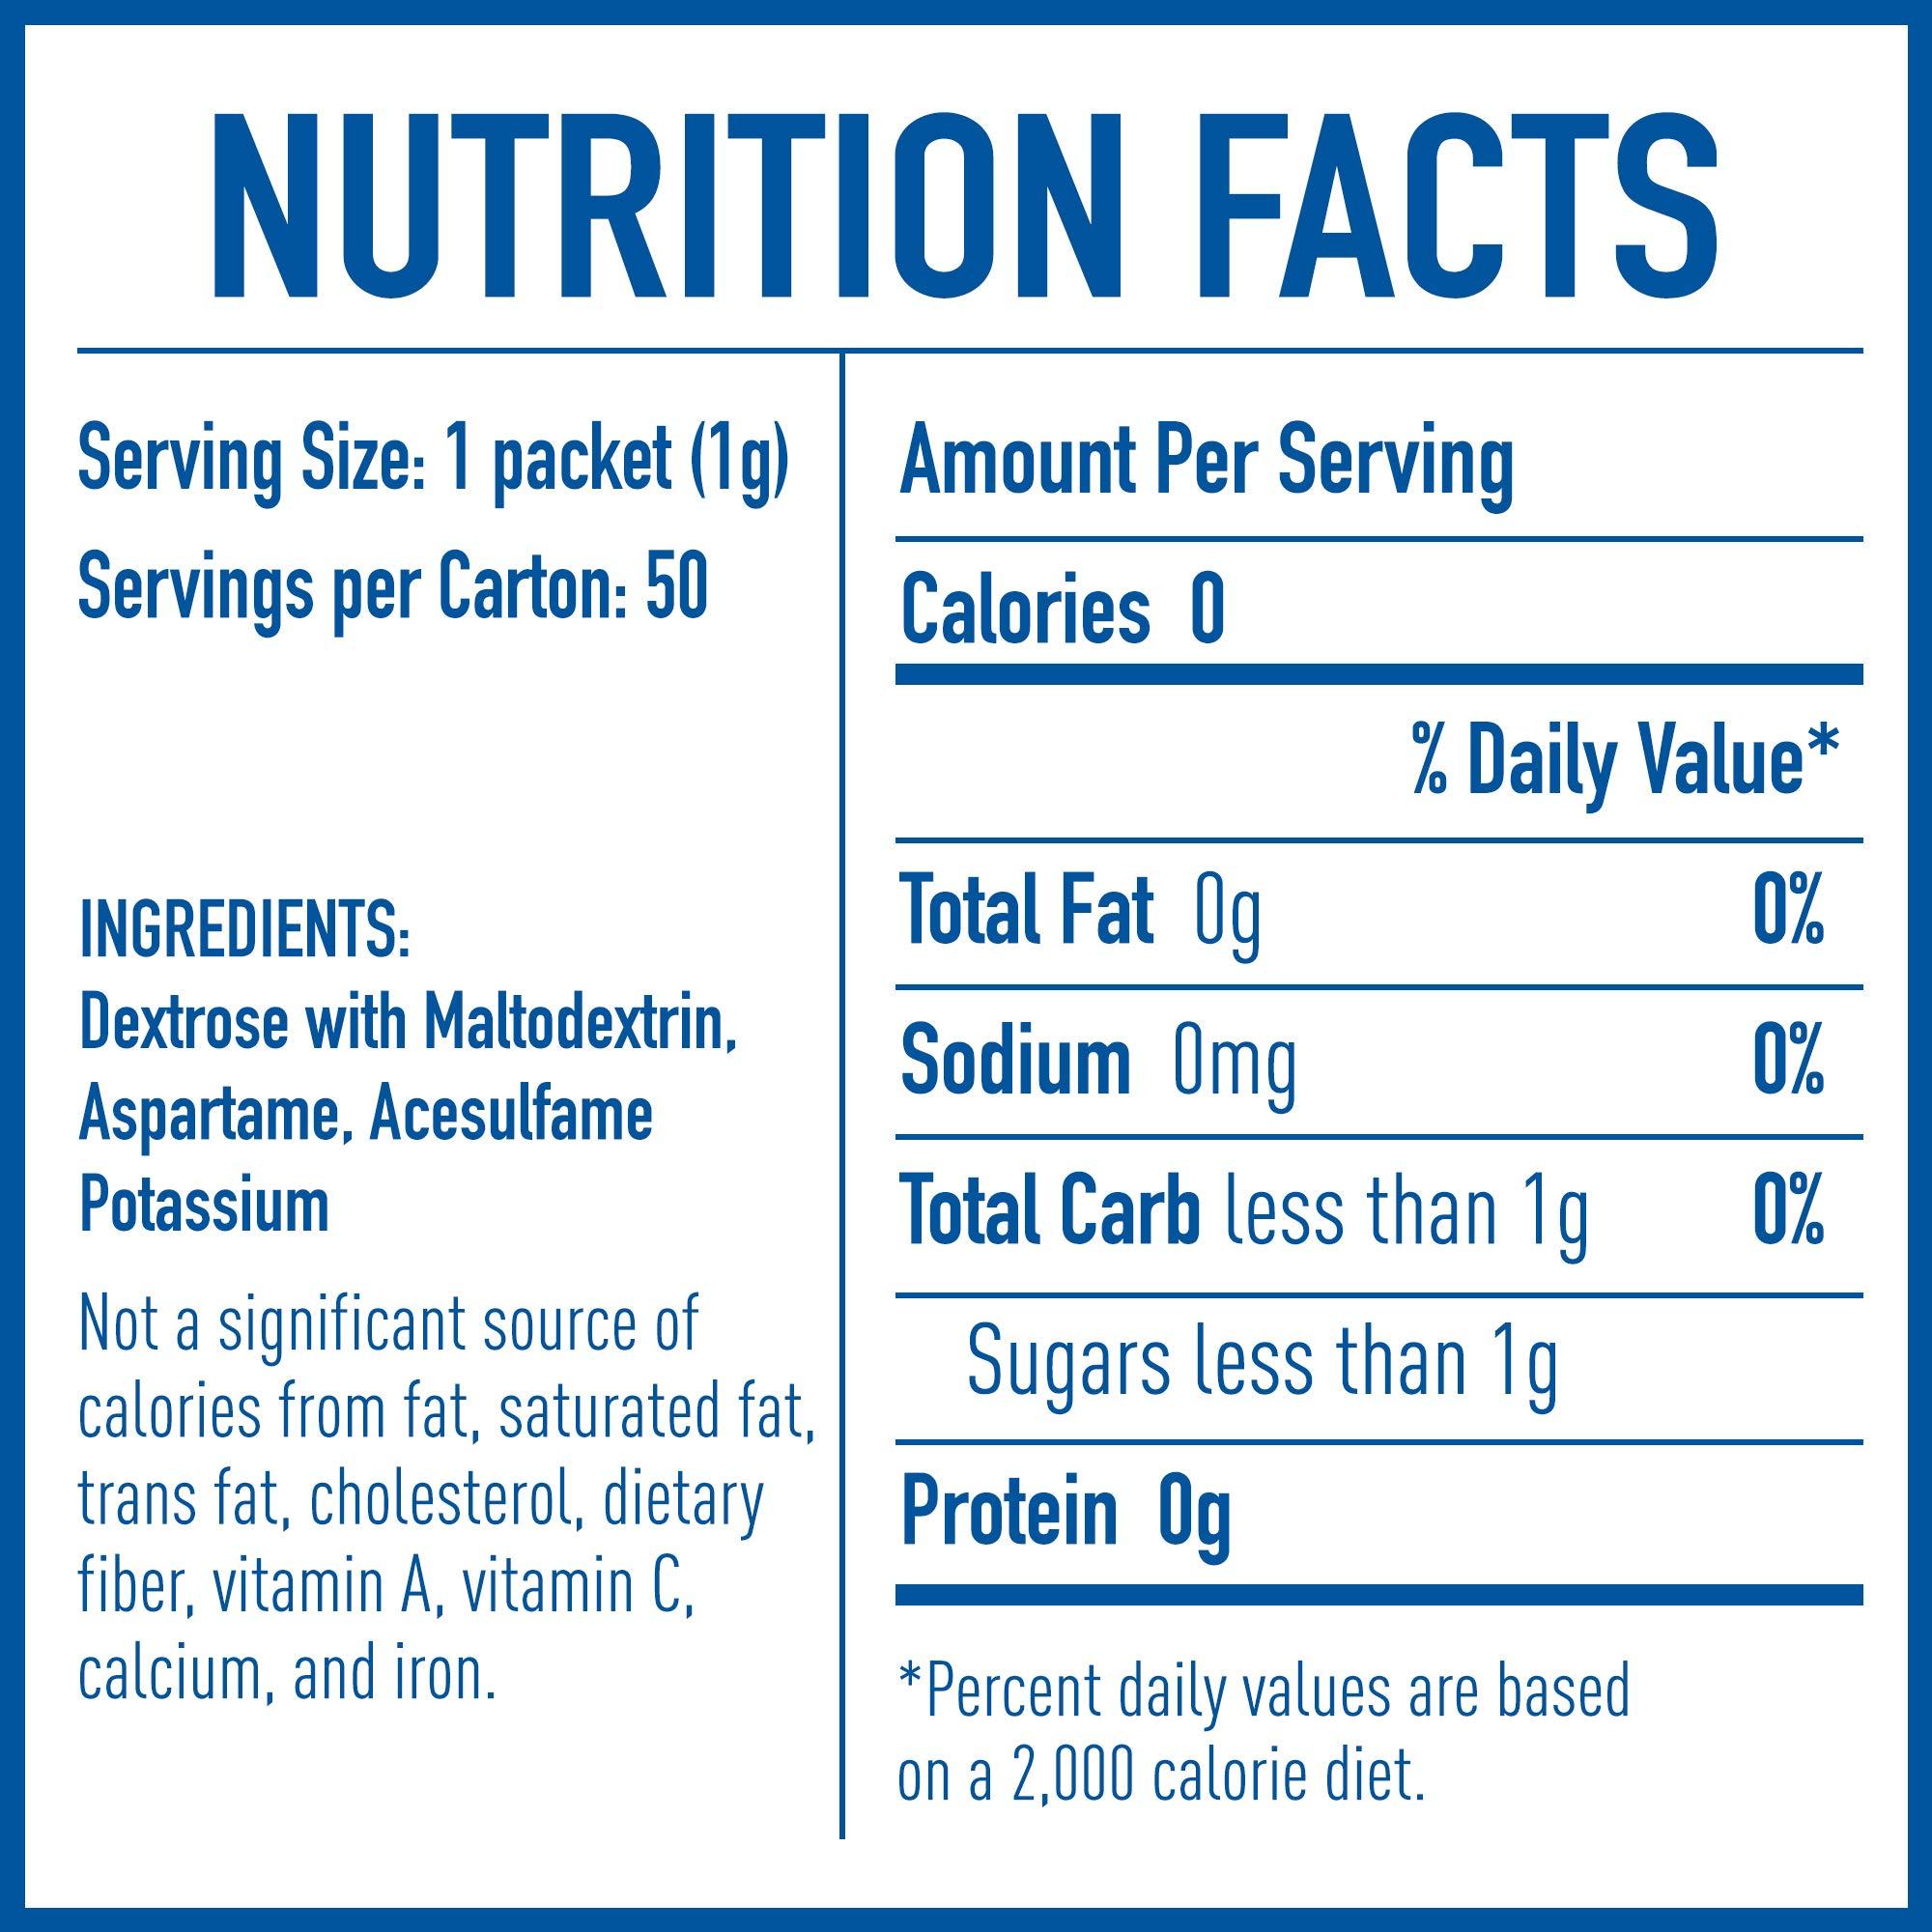 EQUAL 0 Calorie Sweetener, Sugar Substitute, Zero Calorie Sugar Alternative Sweetener Packets, Sugar Alternative, 50 Count (Pack of 12) by Equal (Image #6)